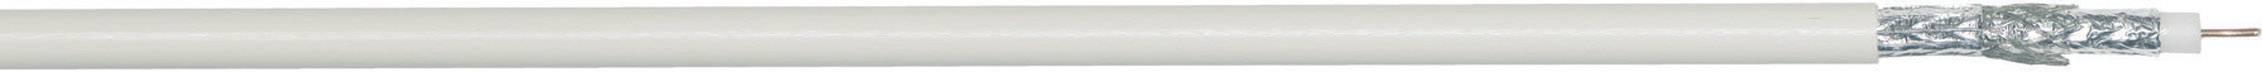 Koaxiální kabel LappKabel SAT 3034034, 80 Ω, stíněný, 1 m, bílá